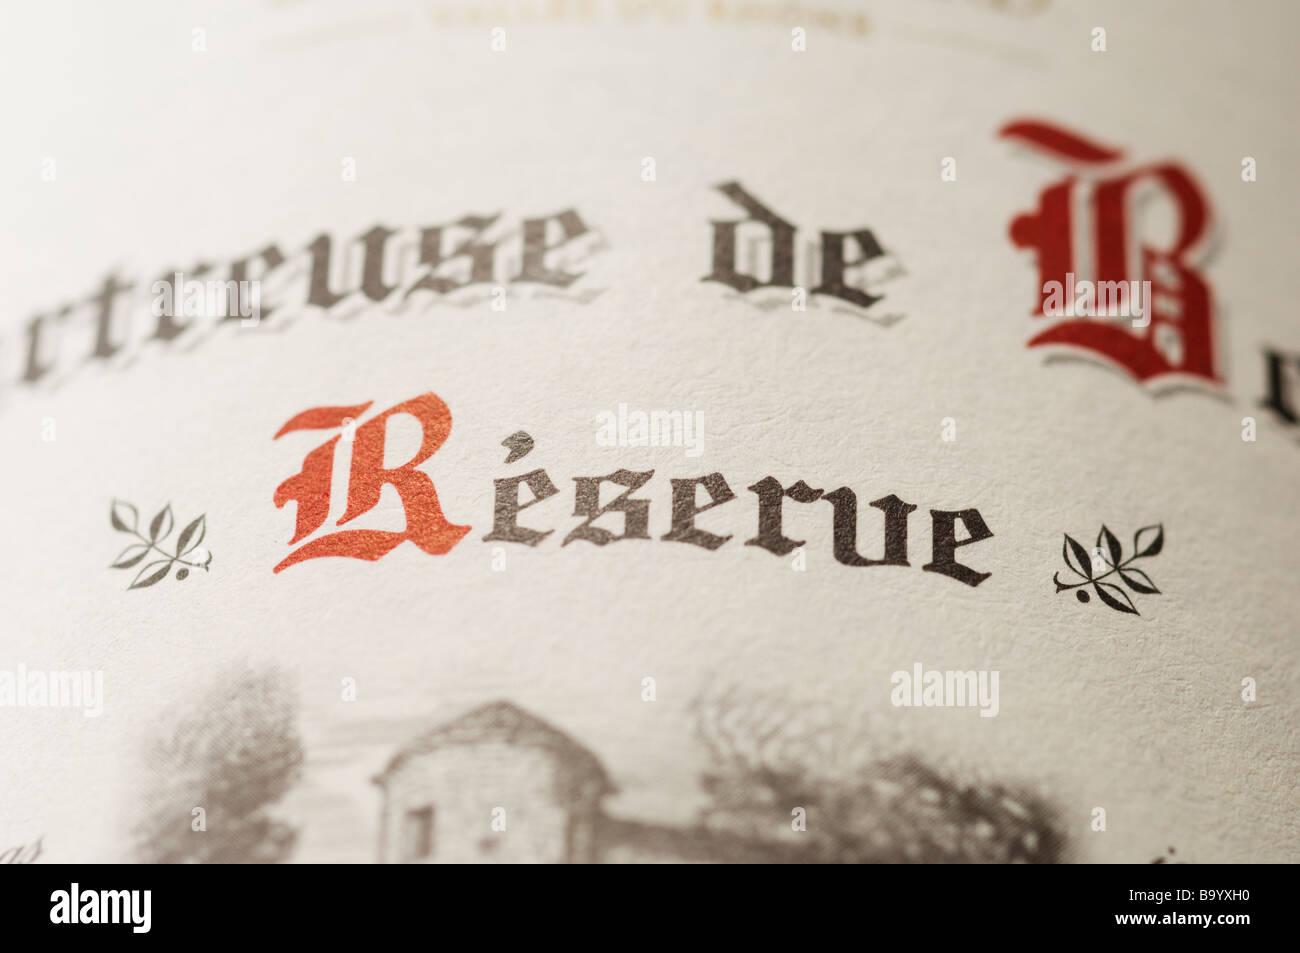 Louis Bernard Chartreuse de Bonpas Reserve wine bottle label closeup - Stock Image